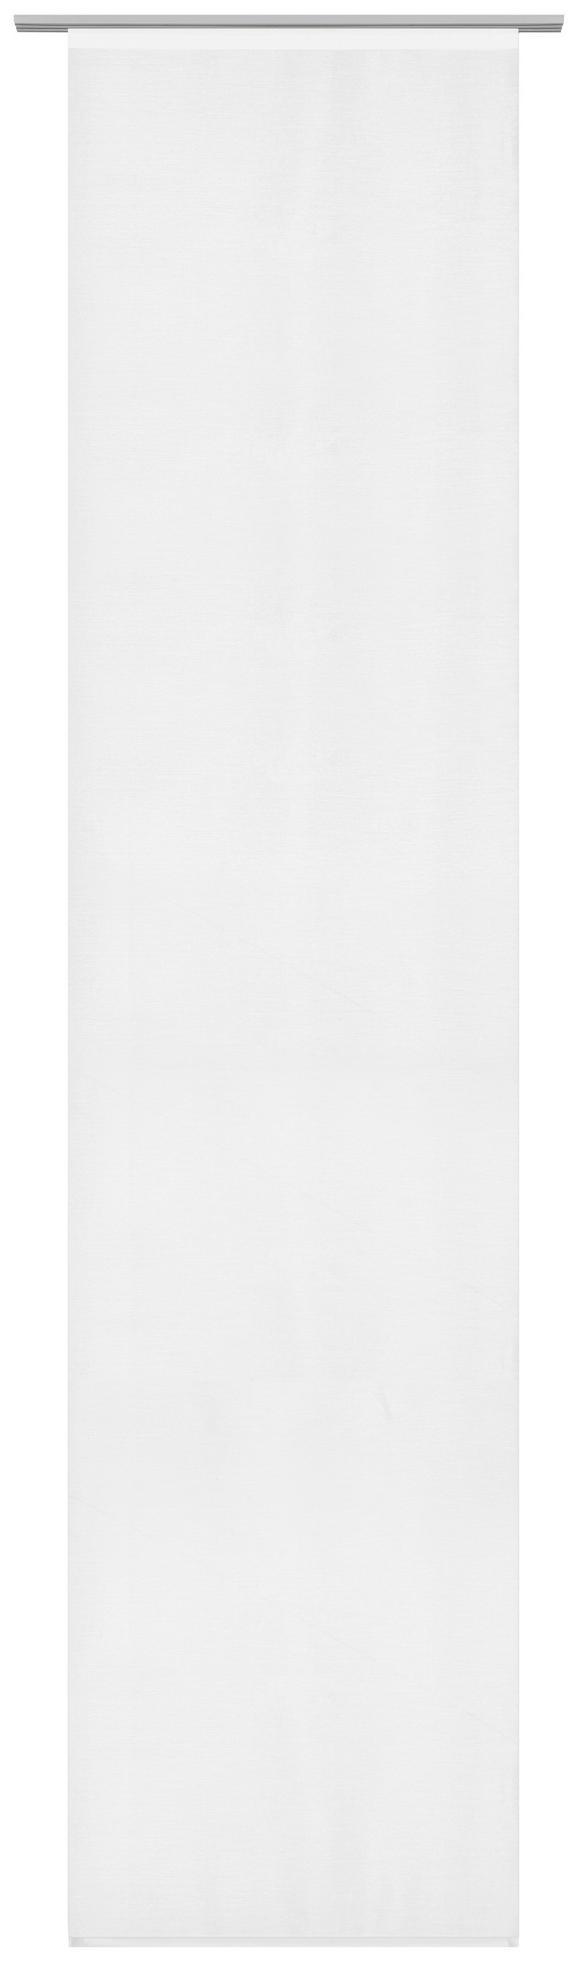 Lapfüggöny Uni - Fehér, modern, Textil (60/245cm) - Mömax modern living